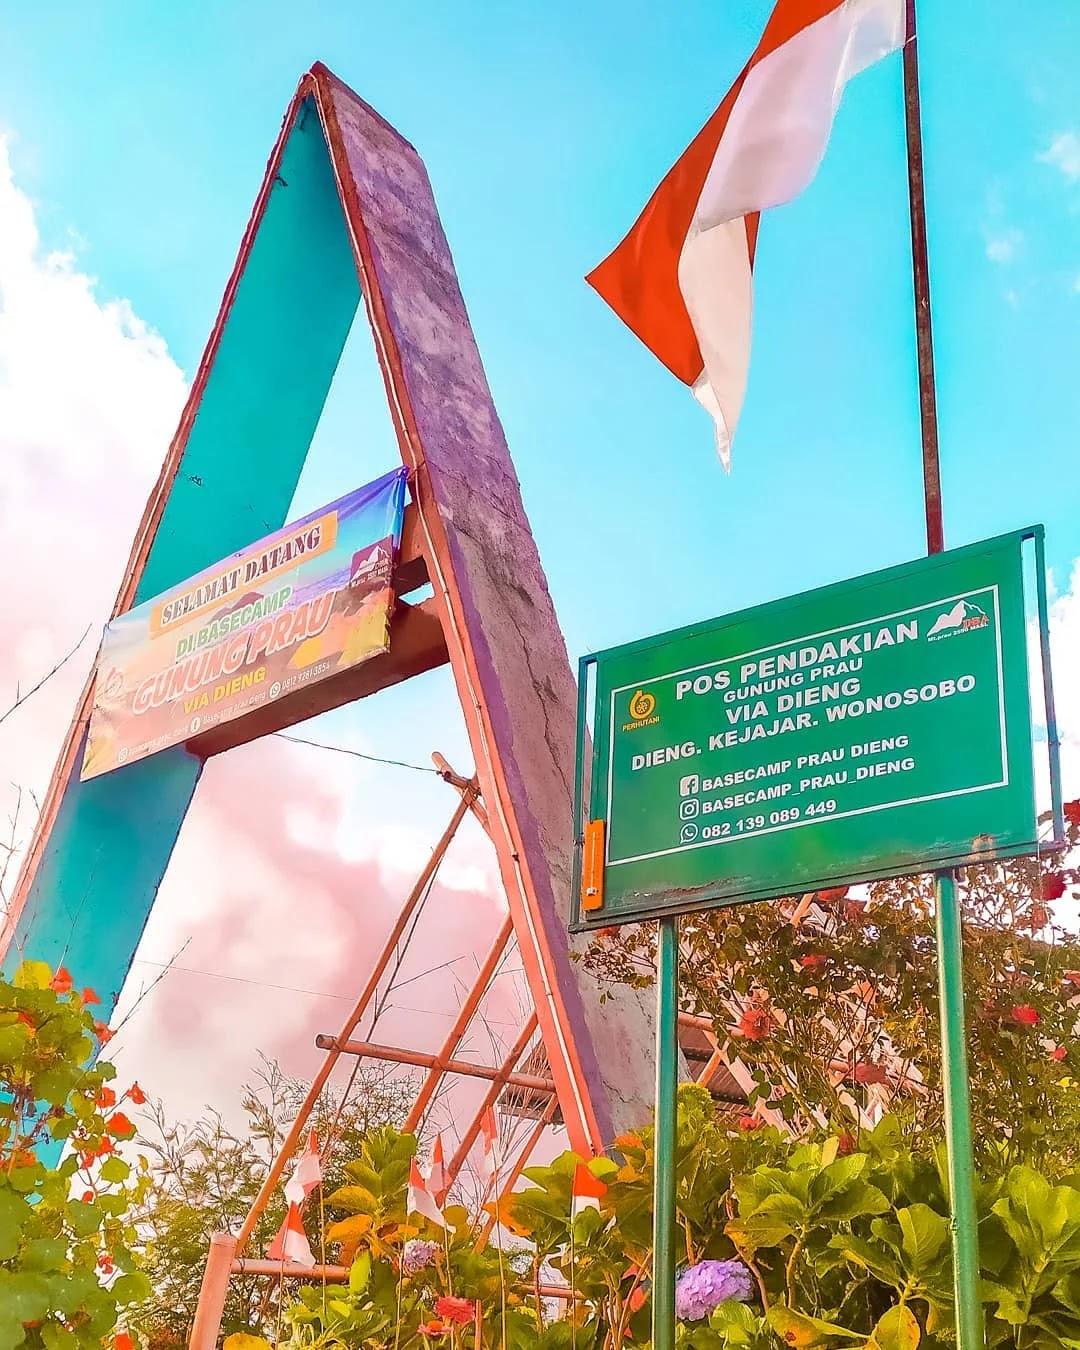 Basecamp Prau via Dieng foto oleh Instagram @lets.go.again_pink